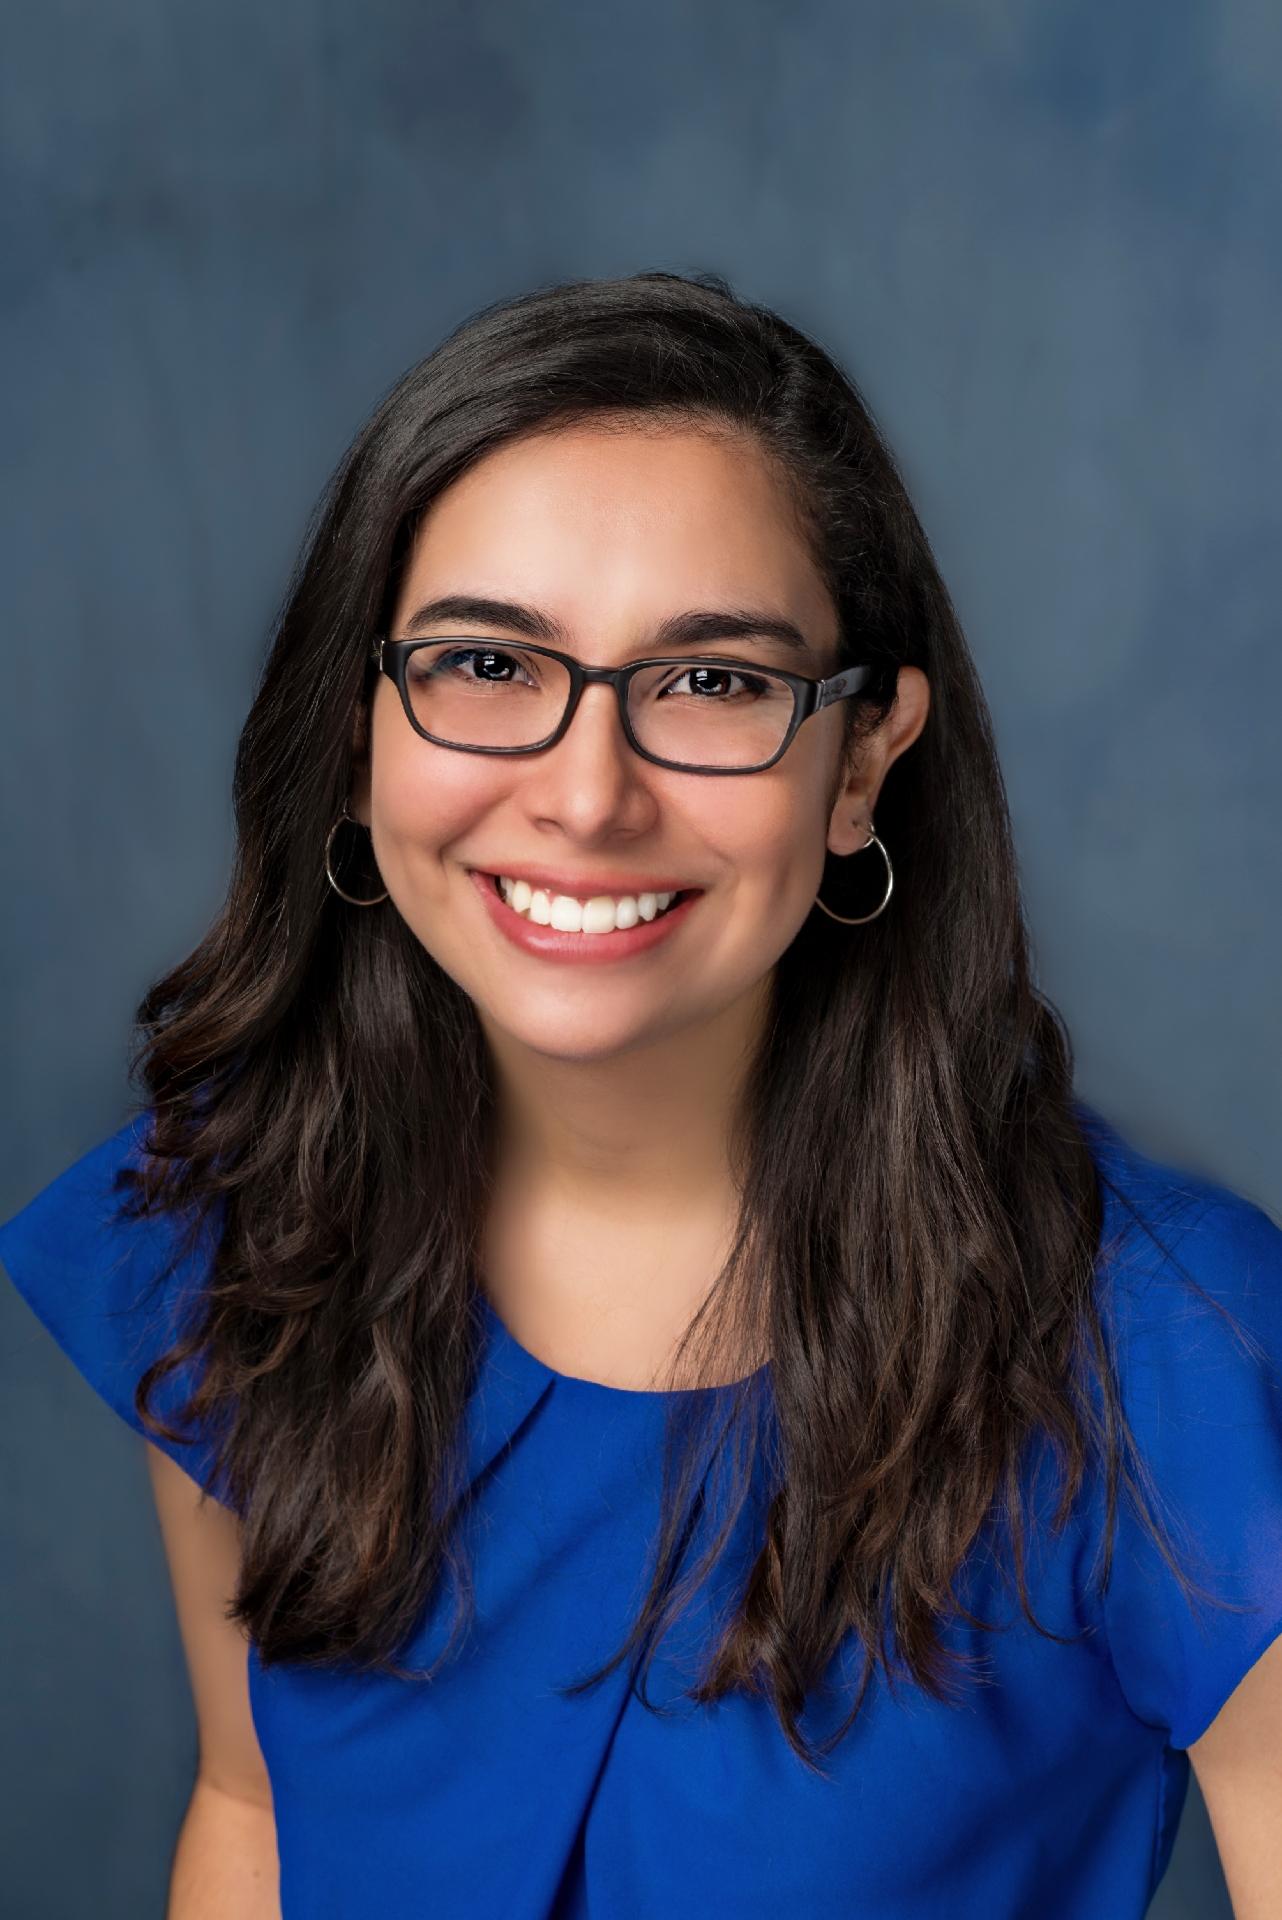 Deborah Armendariz, genetic counseling assistant